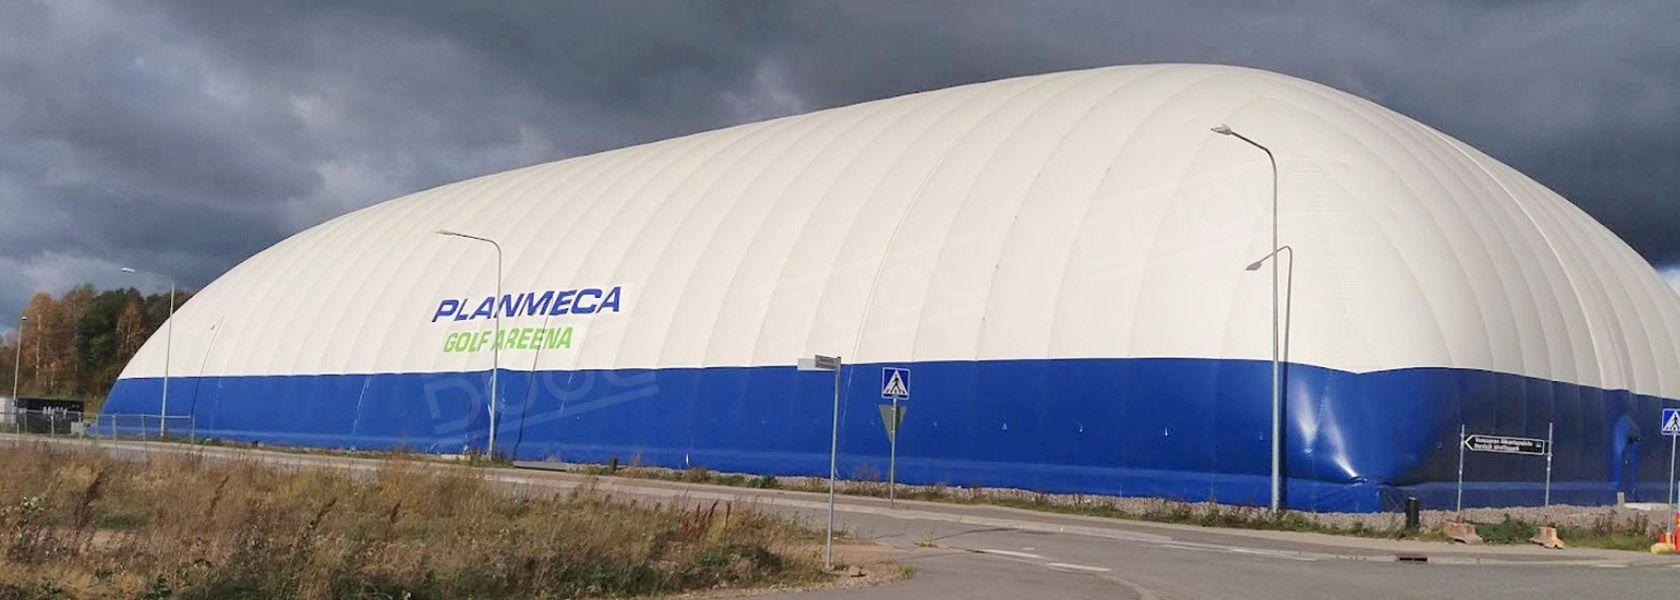 Golf air domes